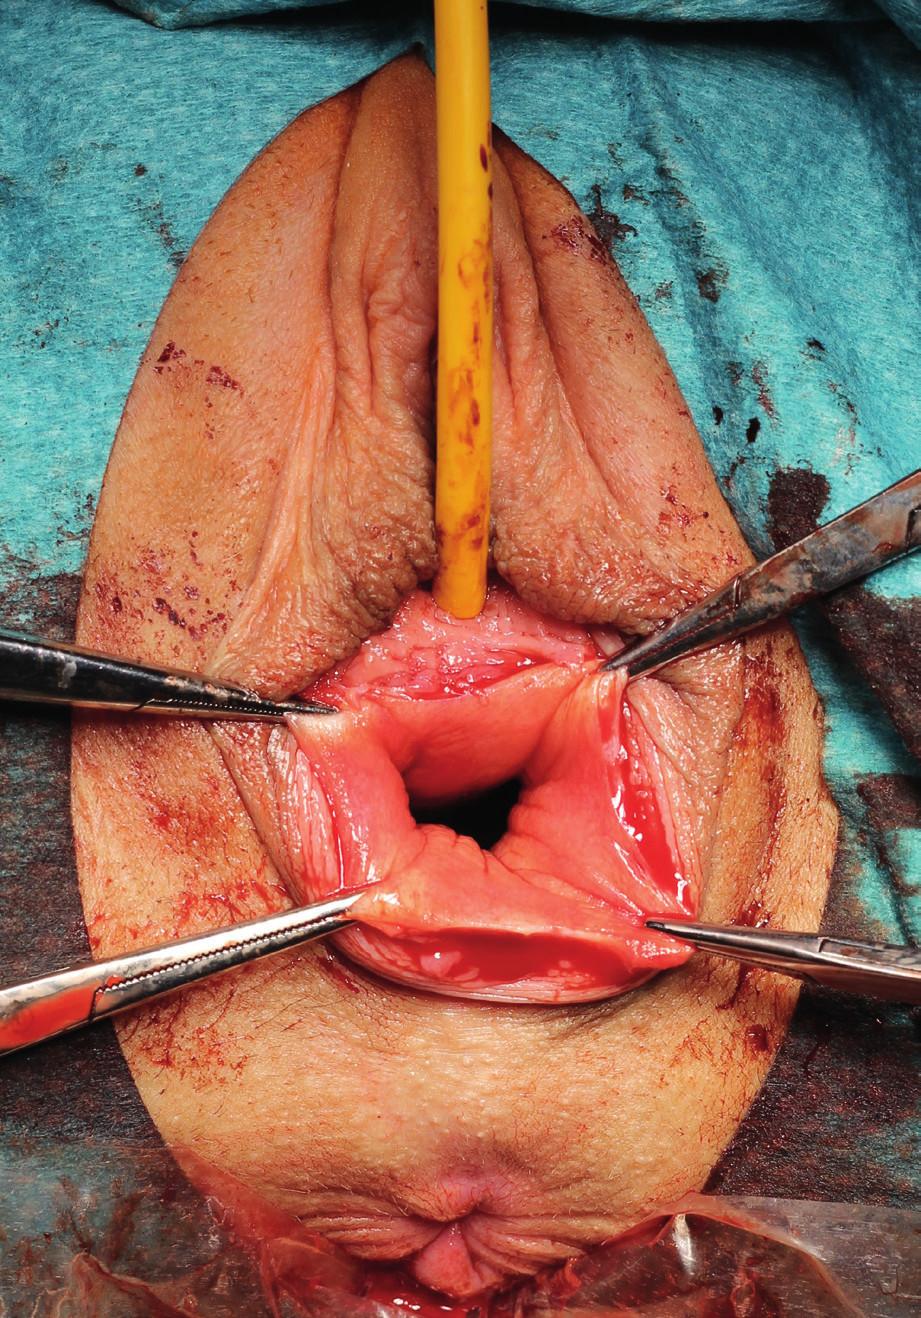 Peroperační snímek fixace vaginální stěny peany